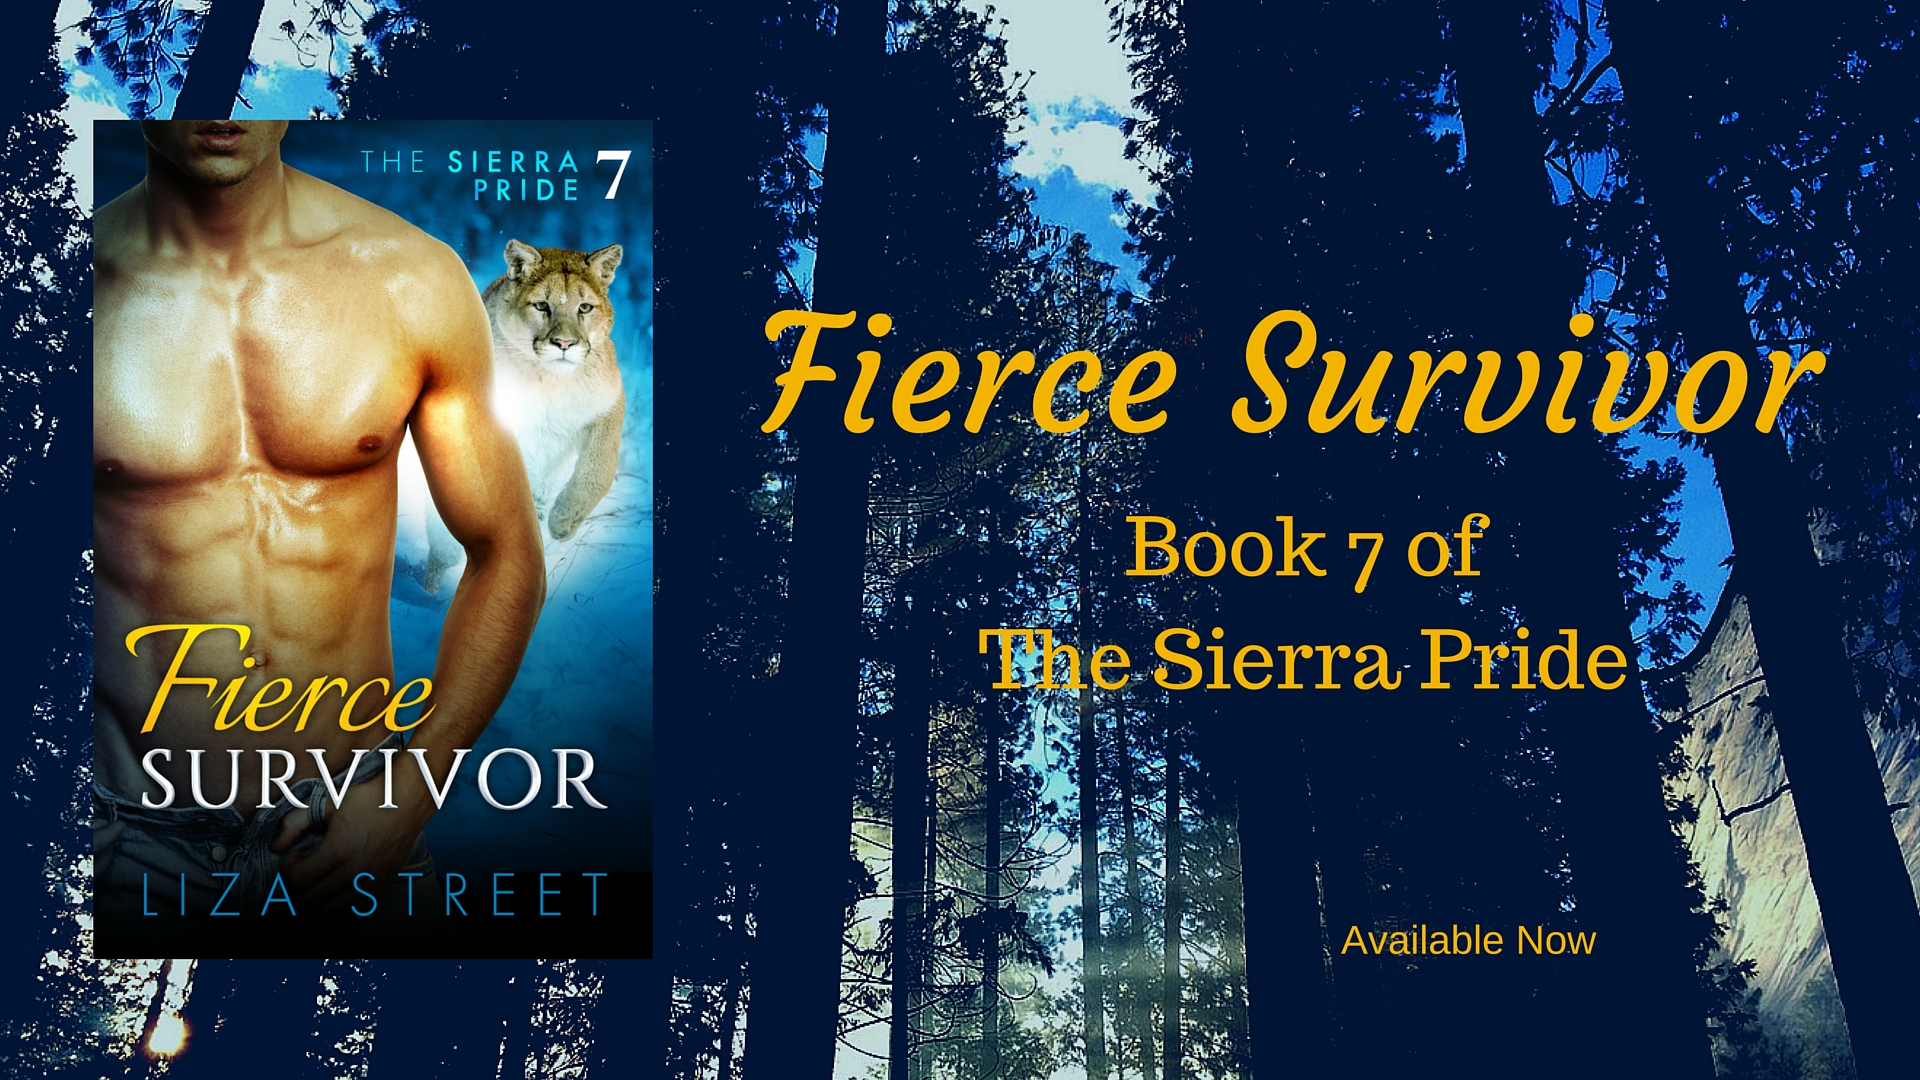 fierce-survivor-available-now